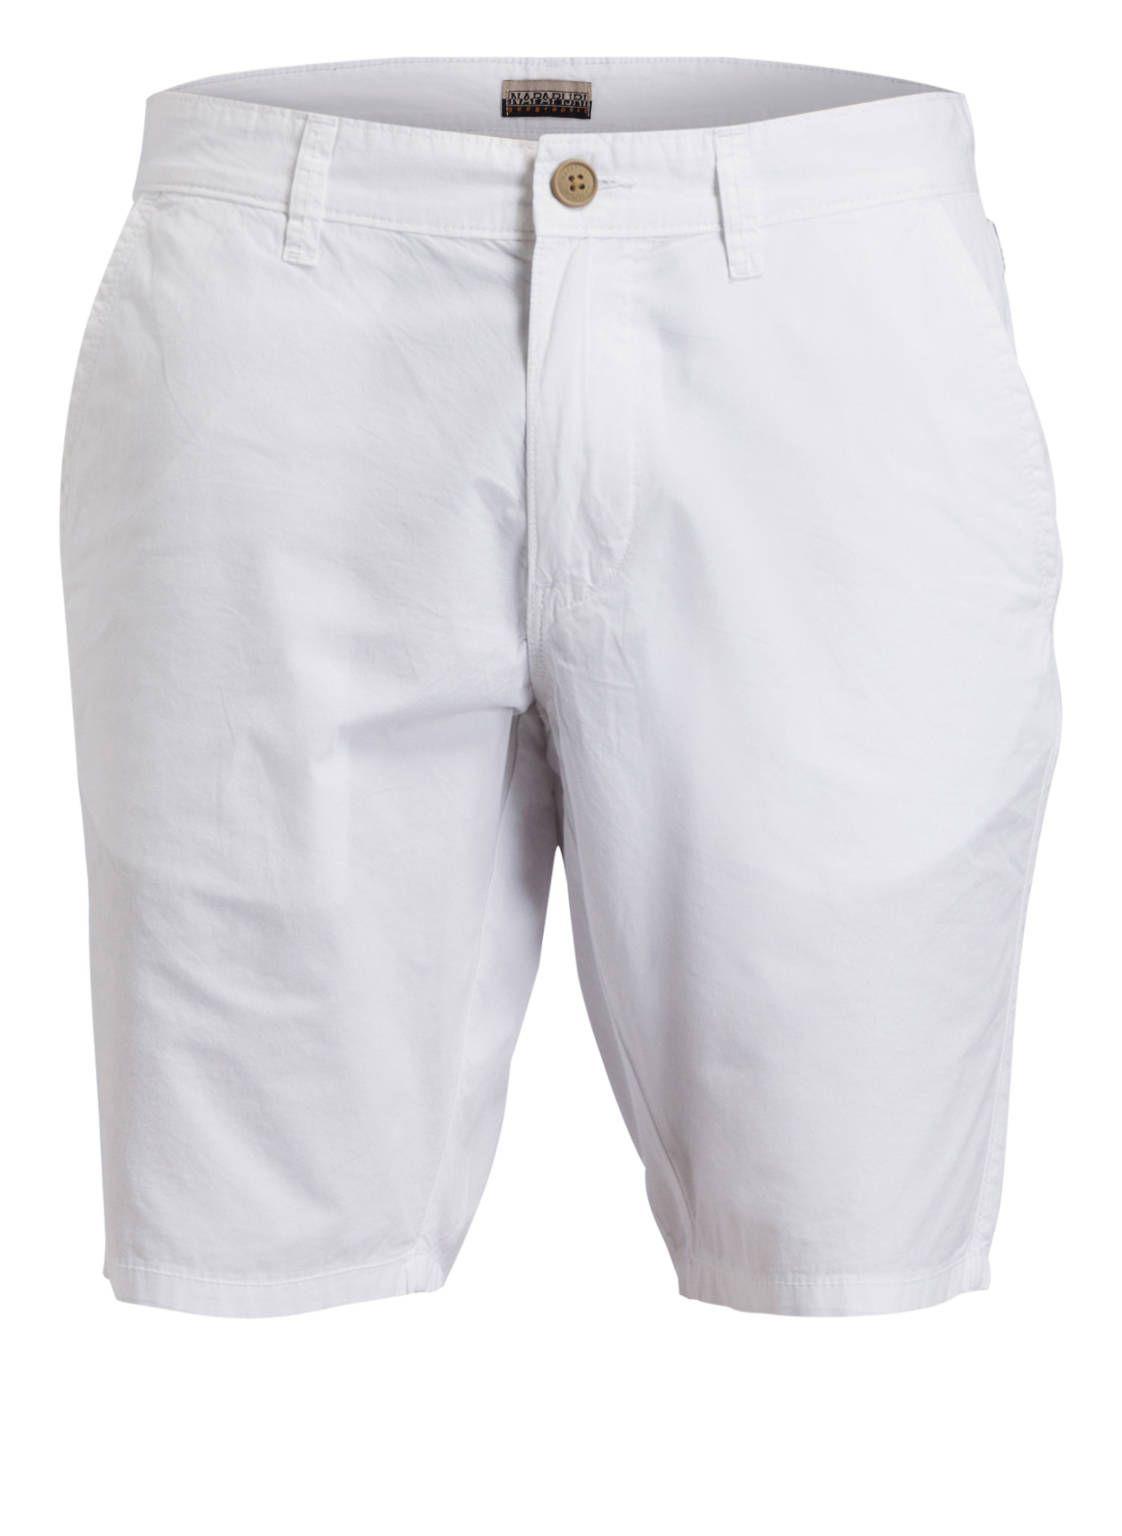 073e1edd71 #breuninger #magazin #sommer2019 #allisbeautiful #breuningermen  #mensfashion #lifesabeach #napapijri #chino #shorts